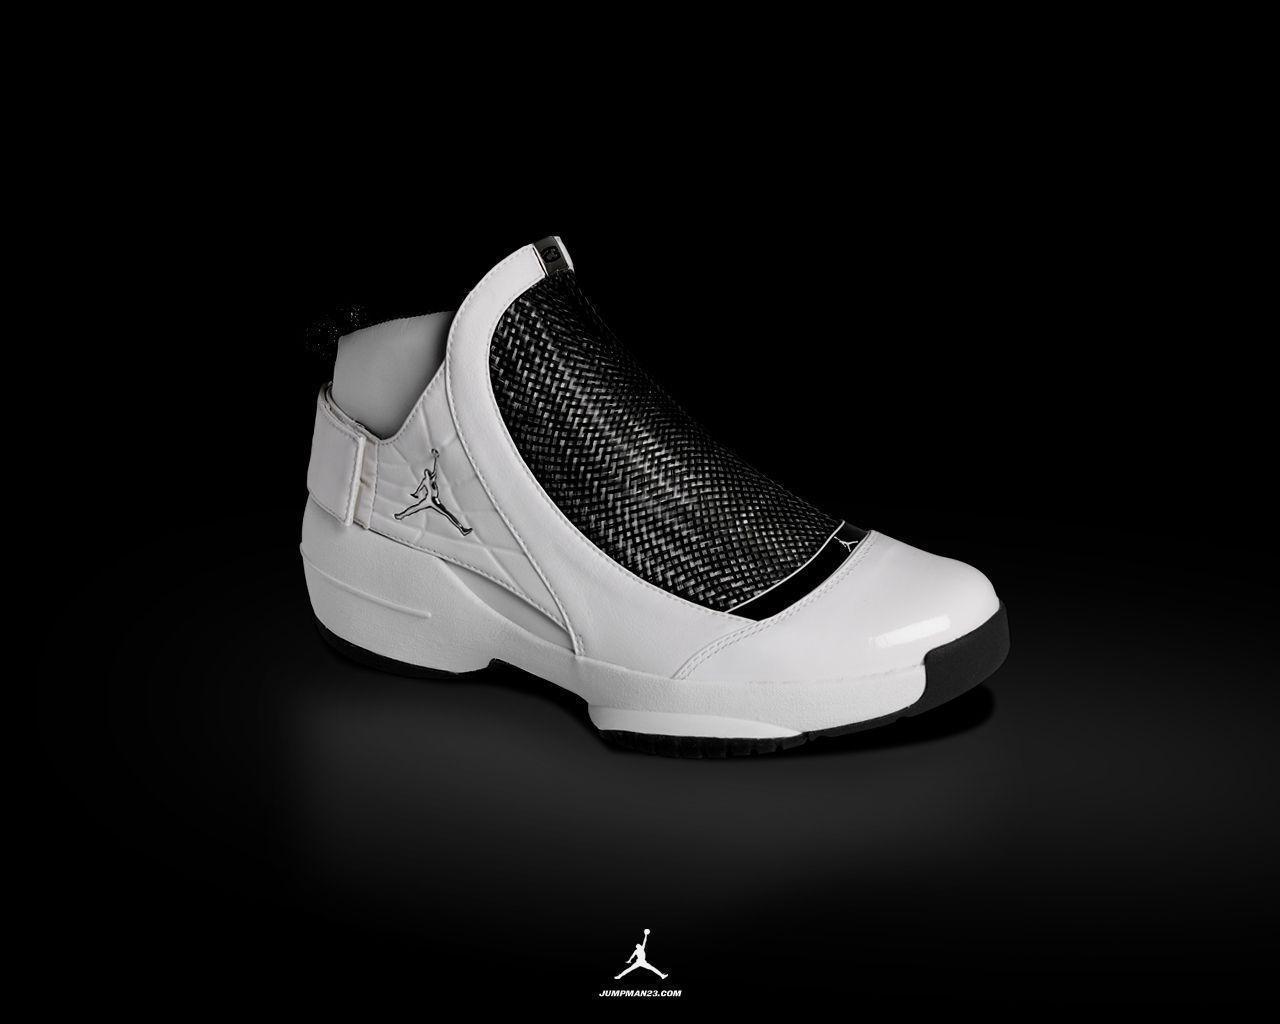 Air Jordan Shoes Wallpapers - Wallpaper Cave